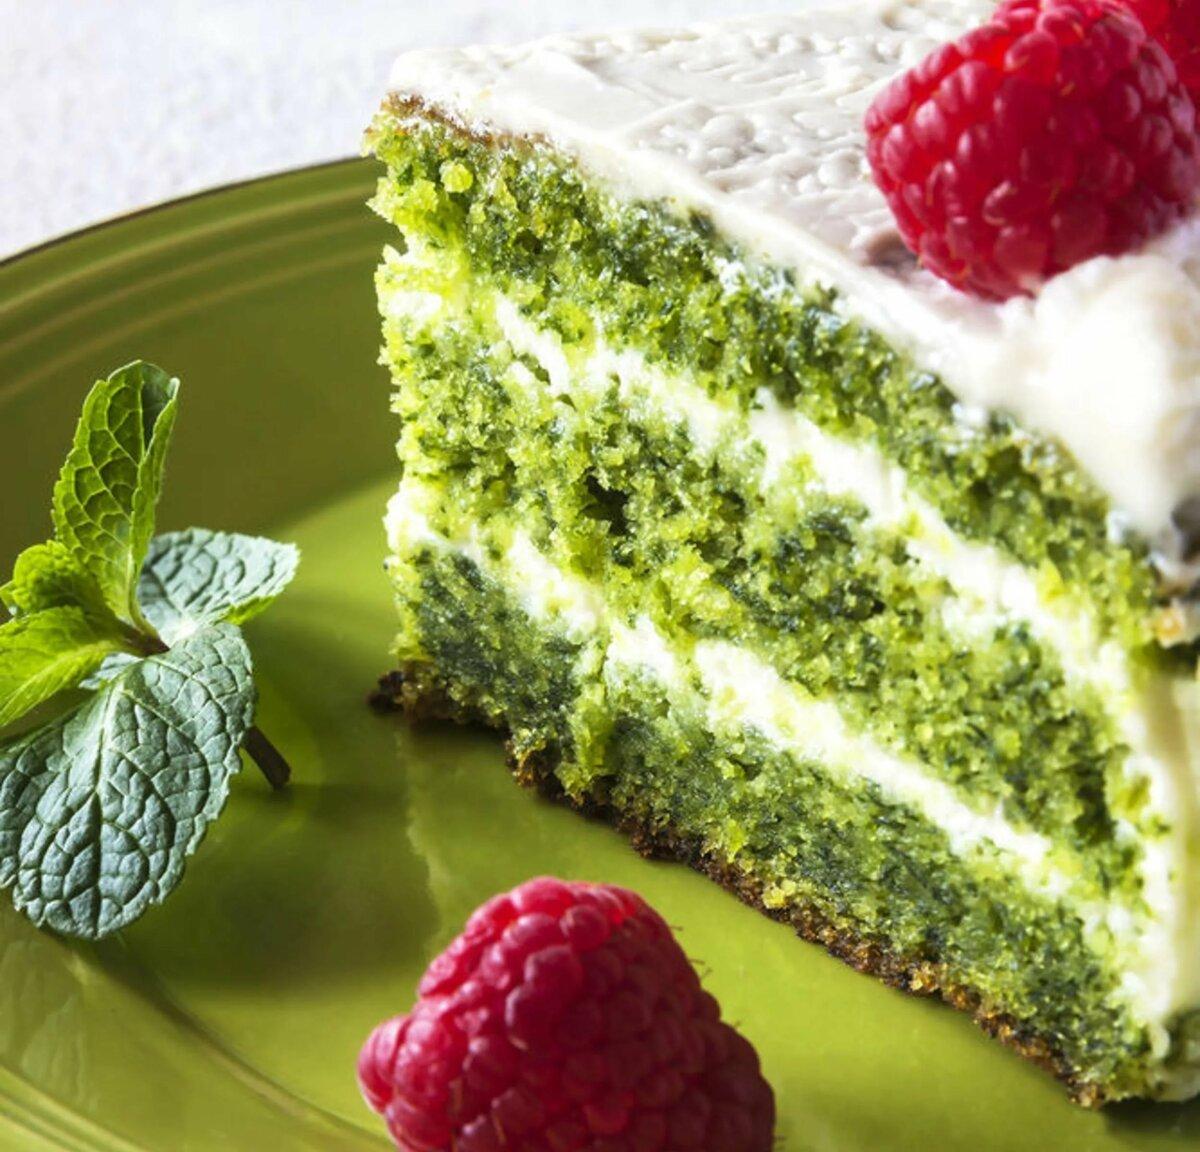 его яркой торт фисташковый бисквит рецепт с фото вот если хотите